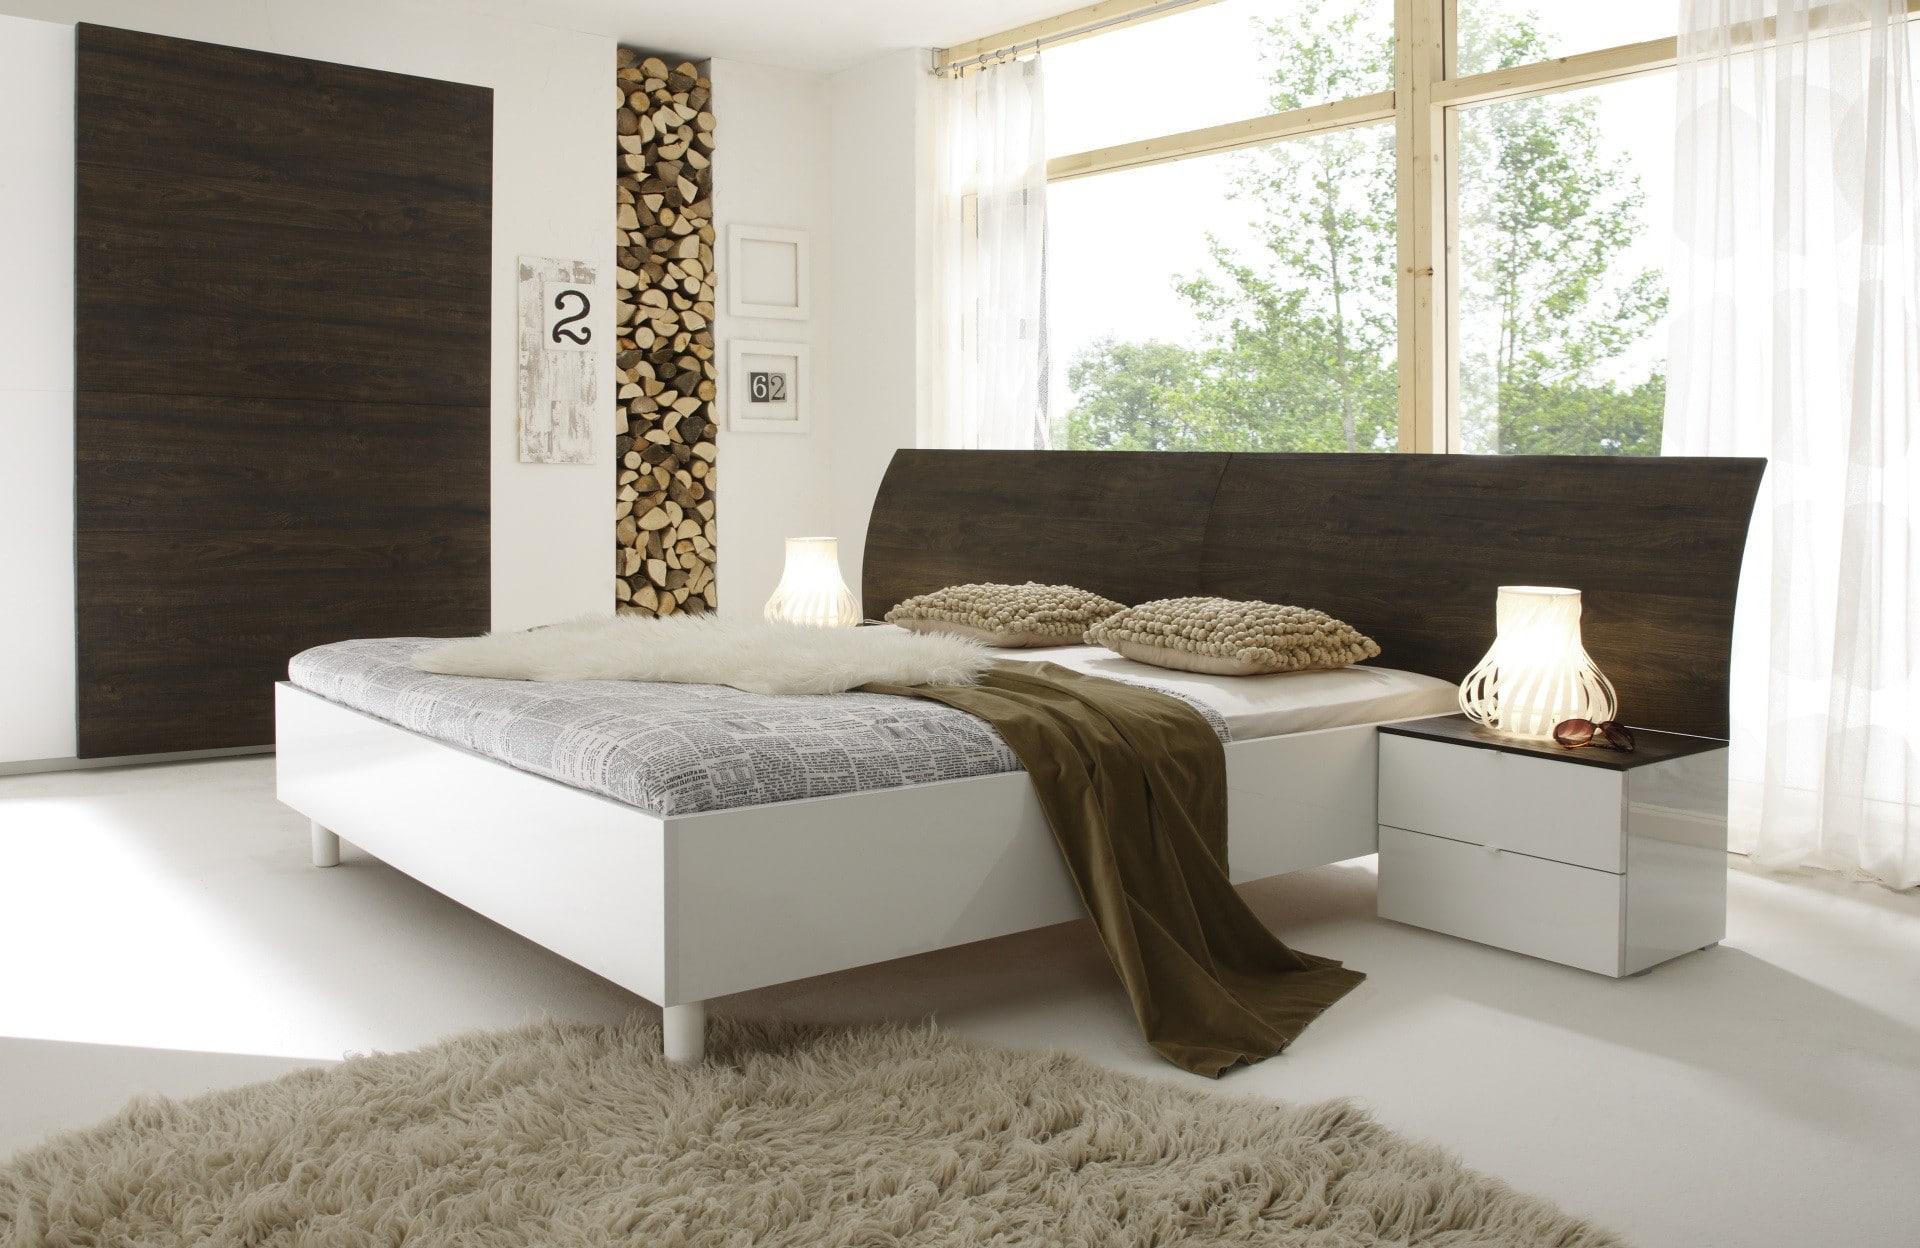 Chevets design 2 tiroirs wengé/blanc laqué Ténérif